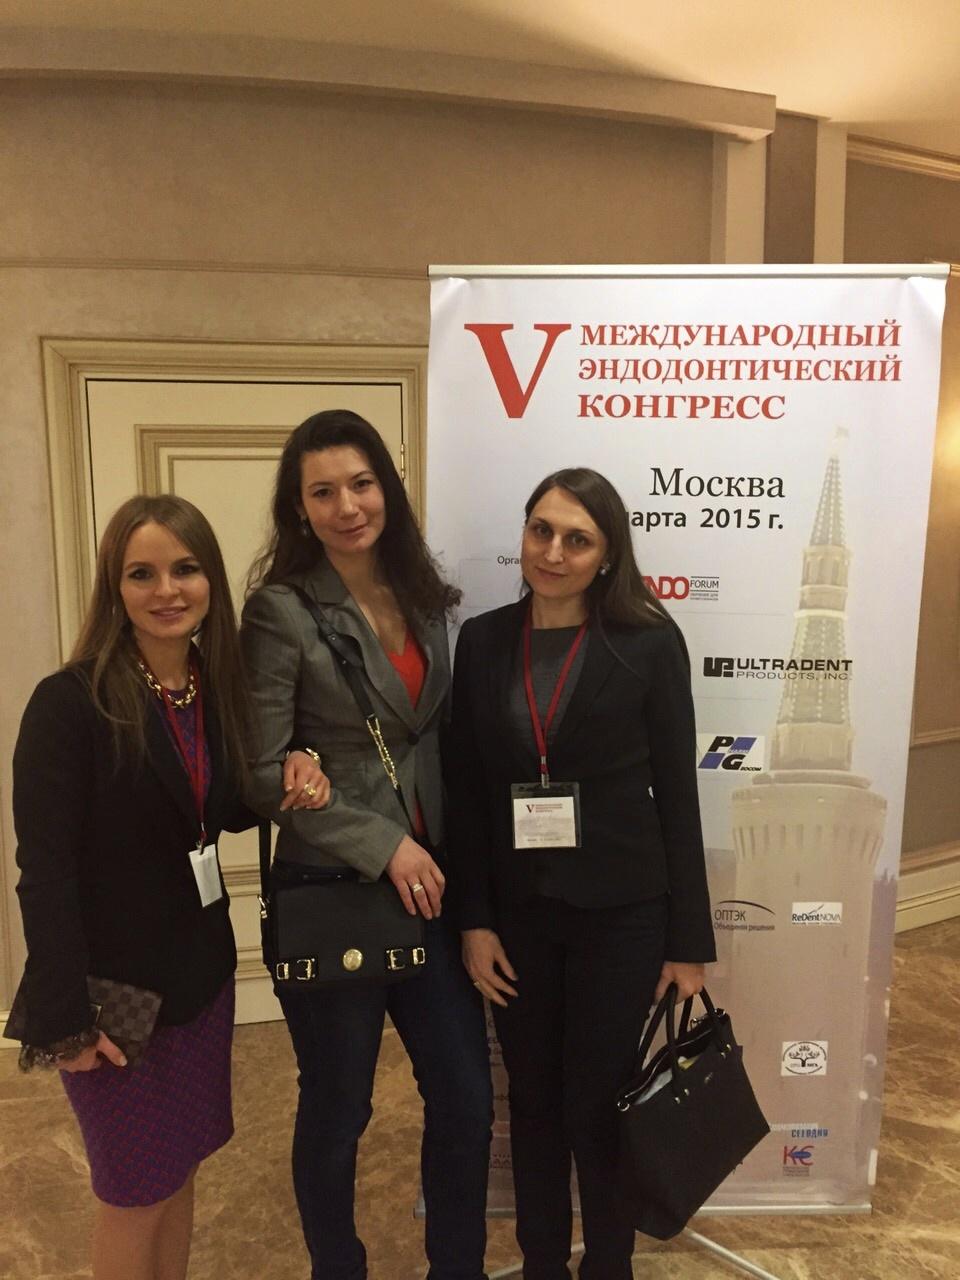 С коллегами Бархатовой Надеждой и Авдеенко Оксаной